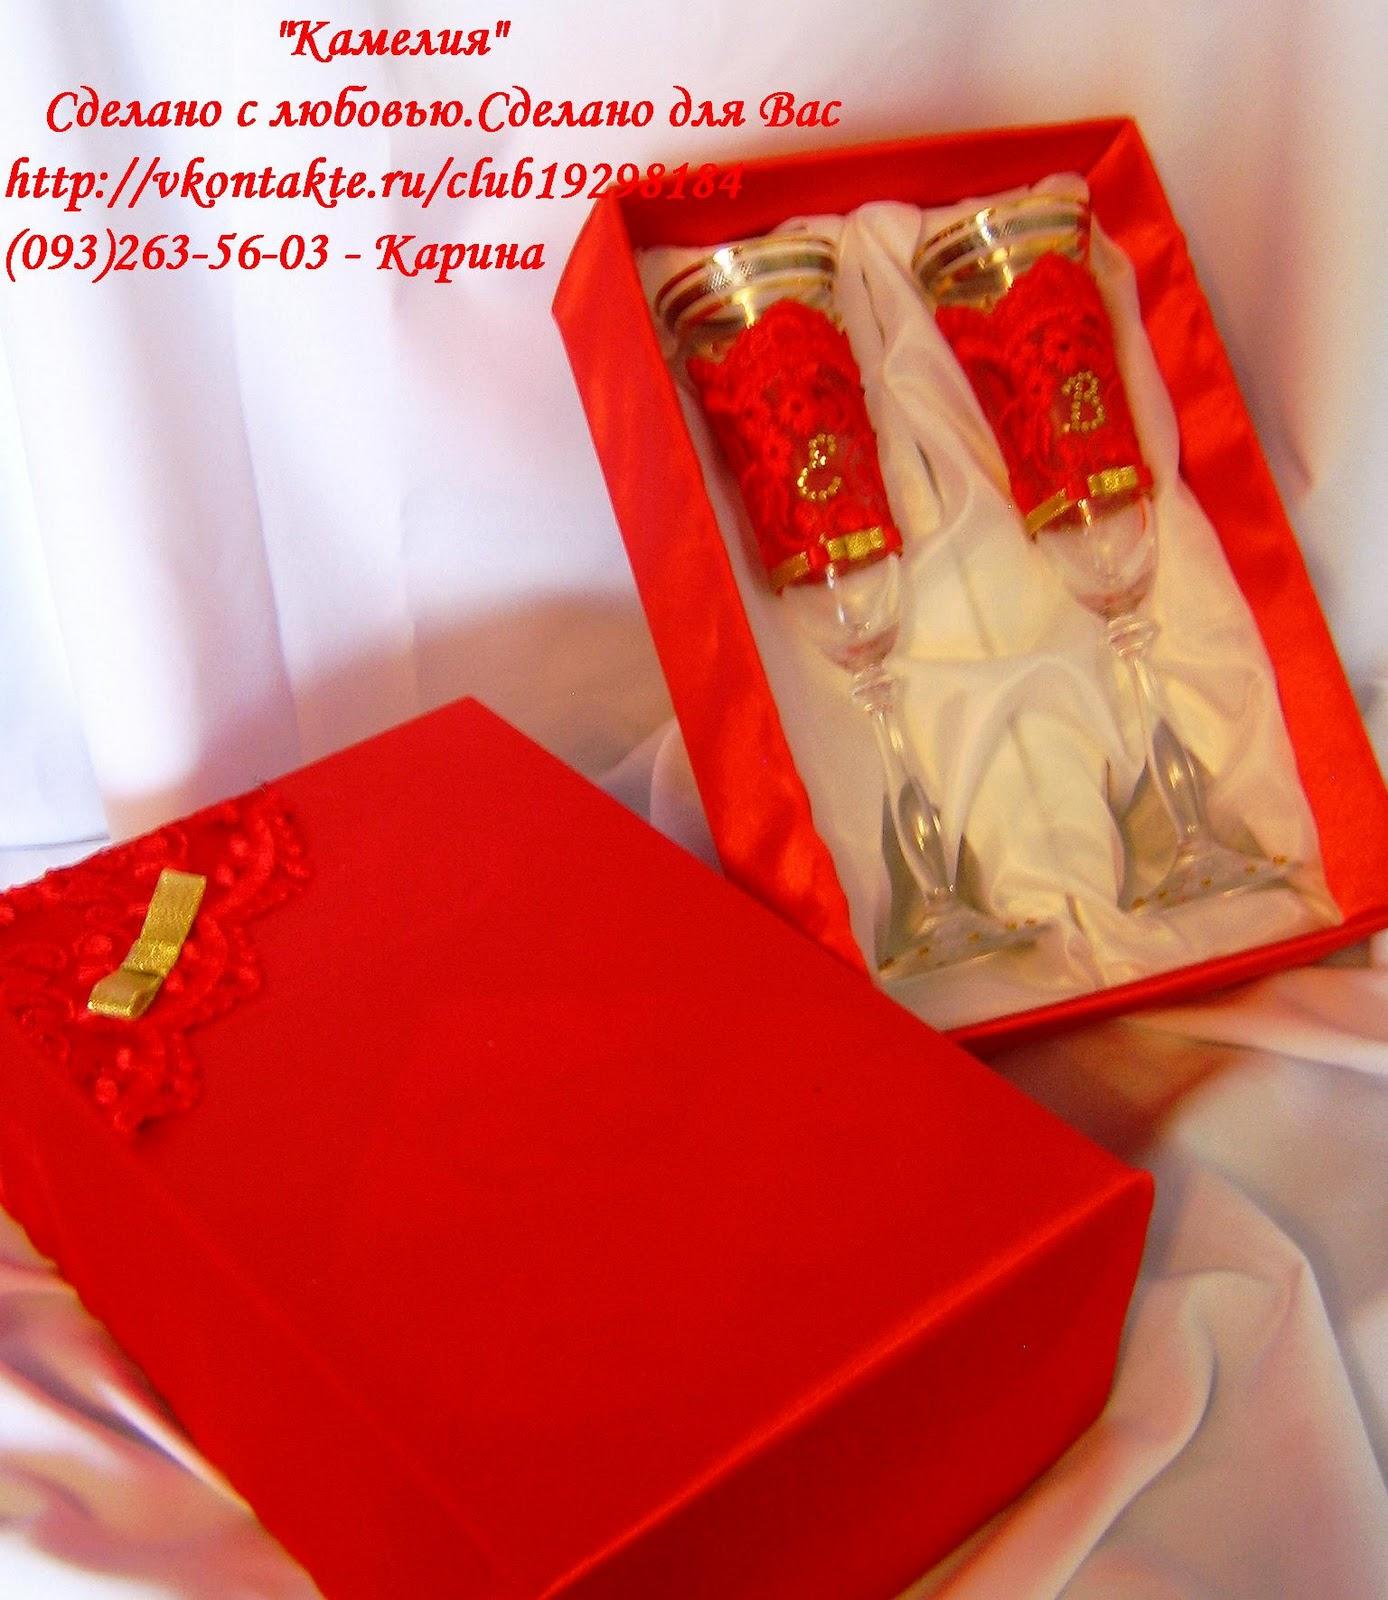 Что подарить на оловянную (розовую) свадьбу 10 лет - Поздравок 18